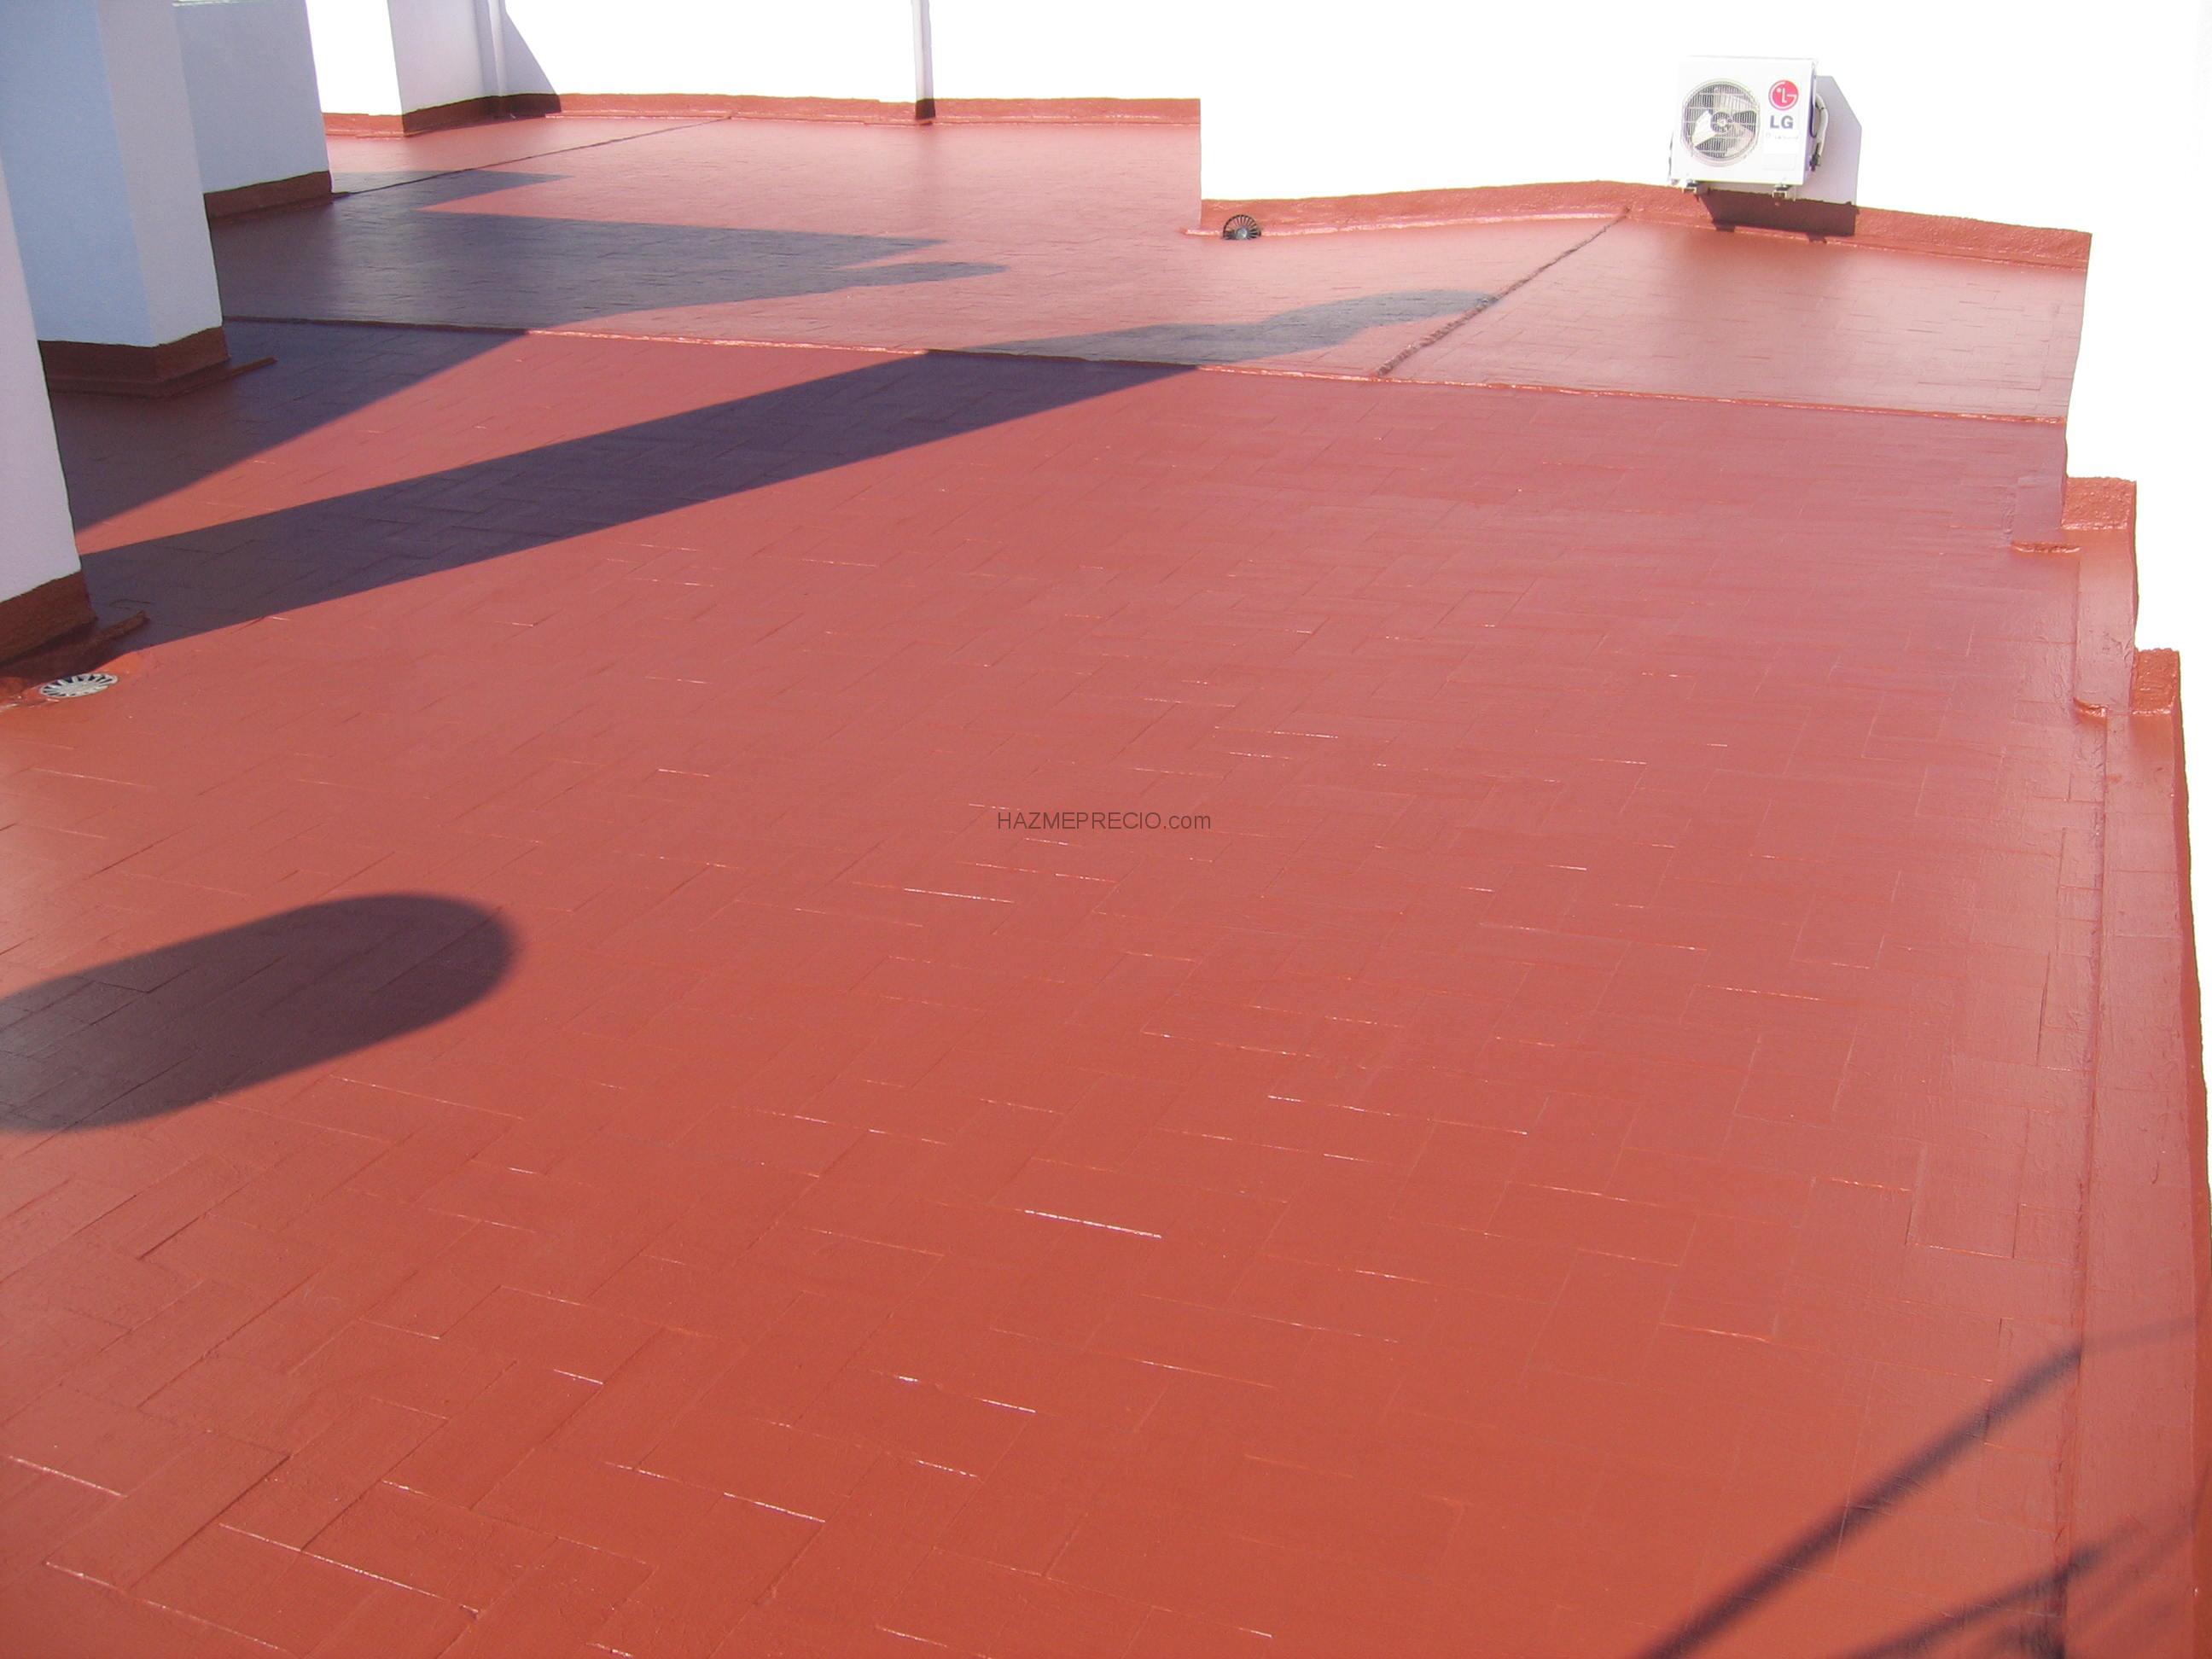 Presupuesto para pintar piso aprox 90 m2 solo paredes for Precio pintar piso 90 metros